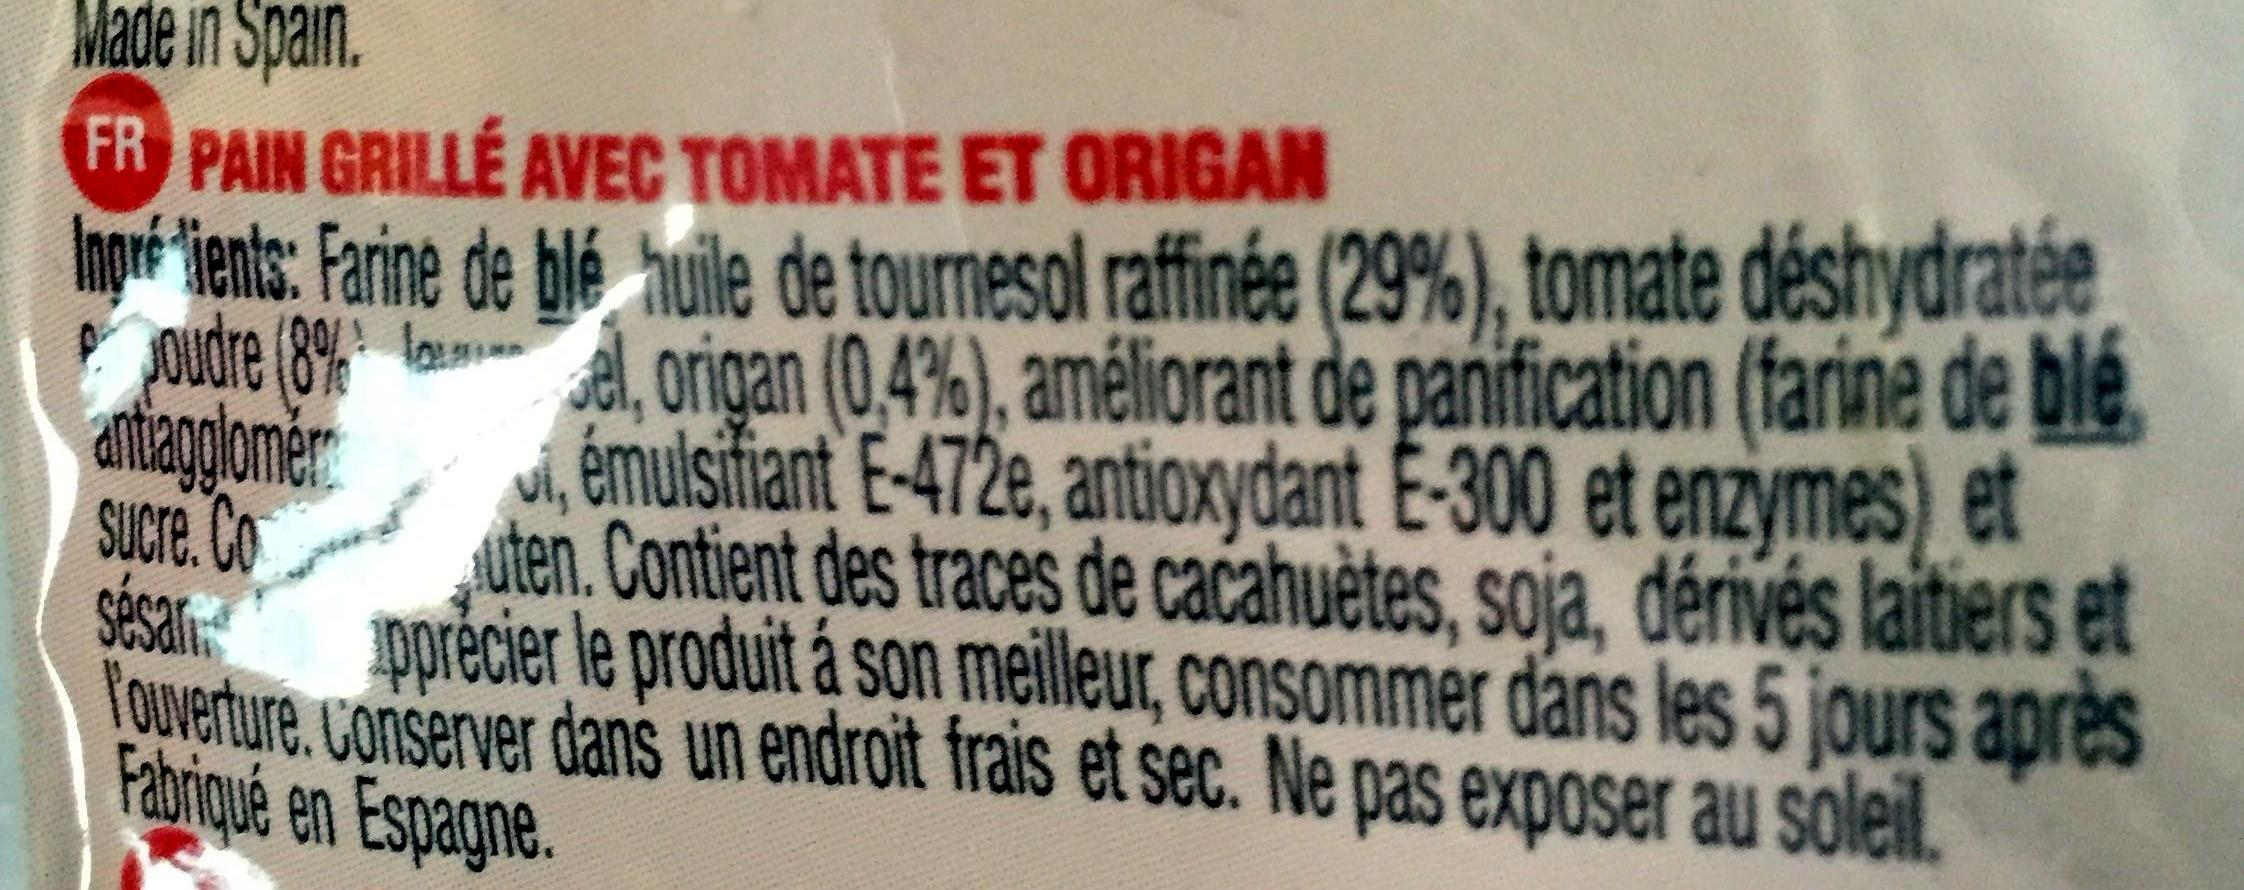 Pain con tomate origan - Ingrédients - fr